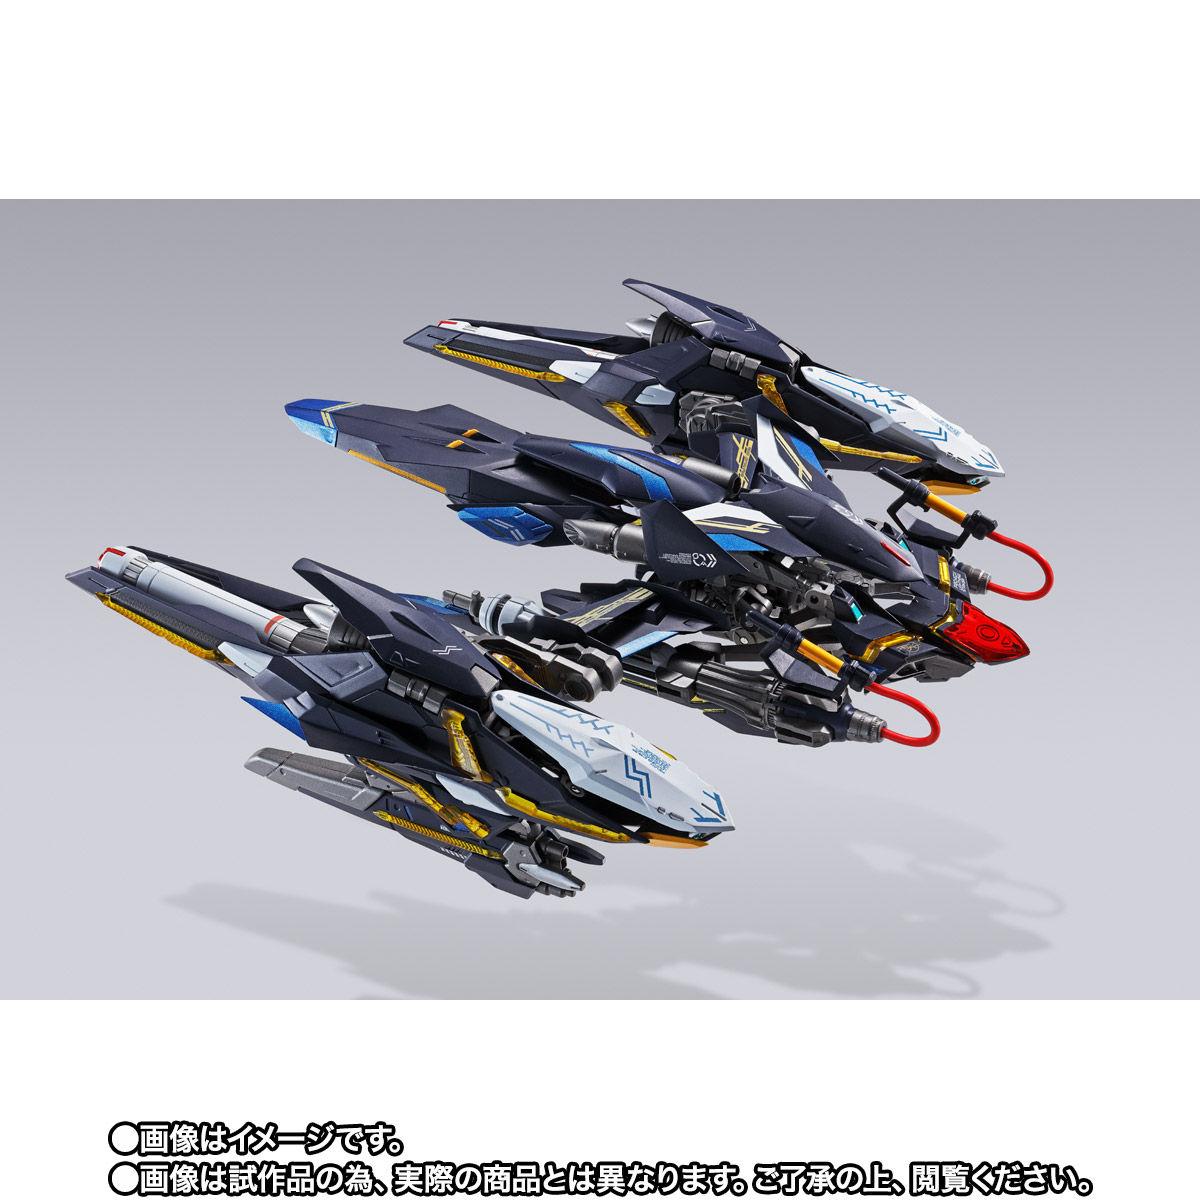 【限定販売】METAL BUILD『ライトニングストライカー』機動戦士ガンダムSEED 可動フィギュア-010